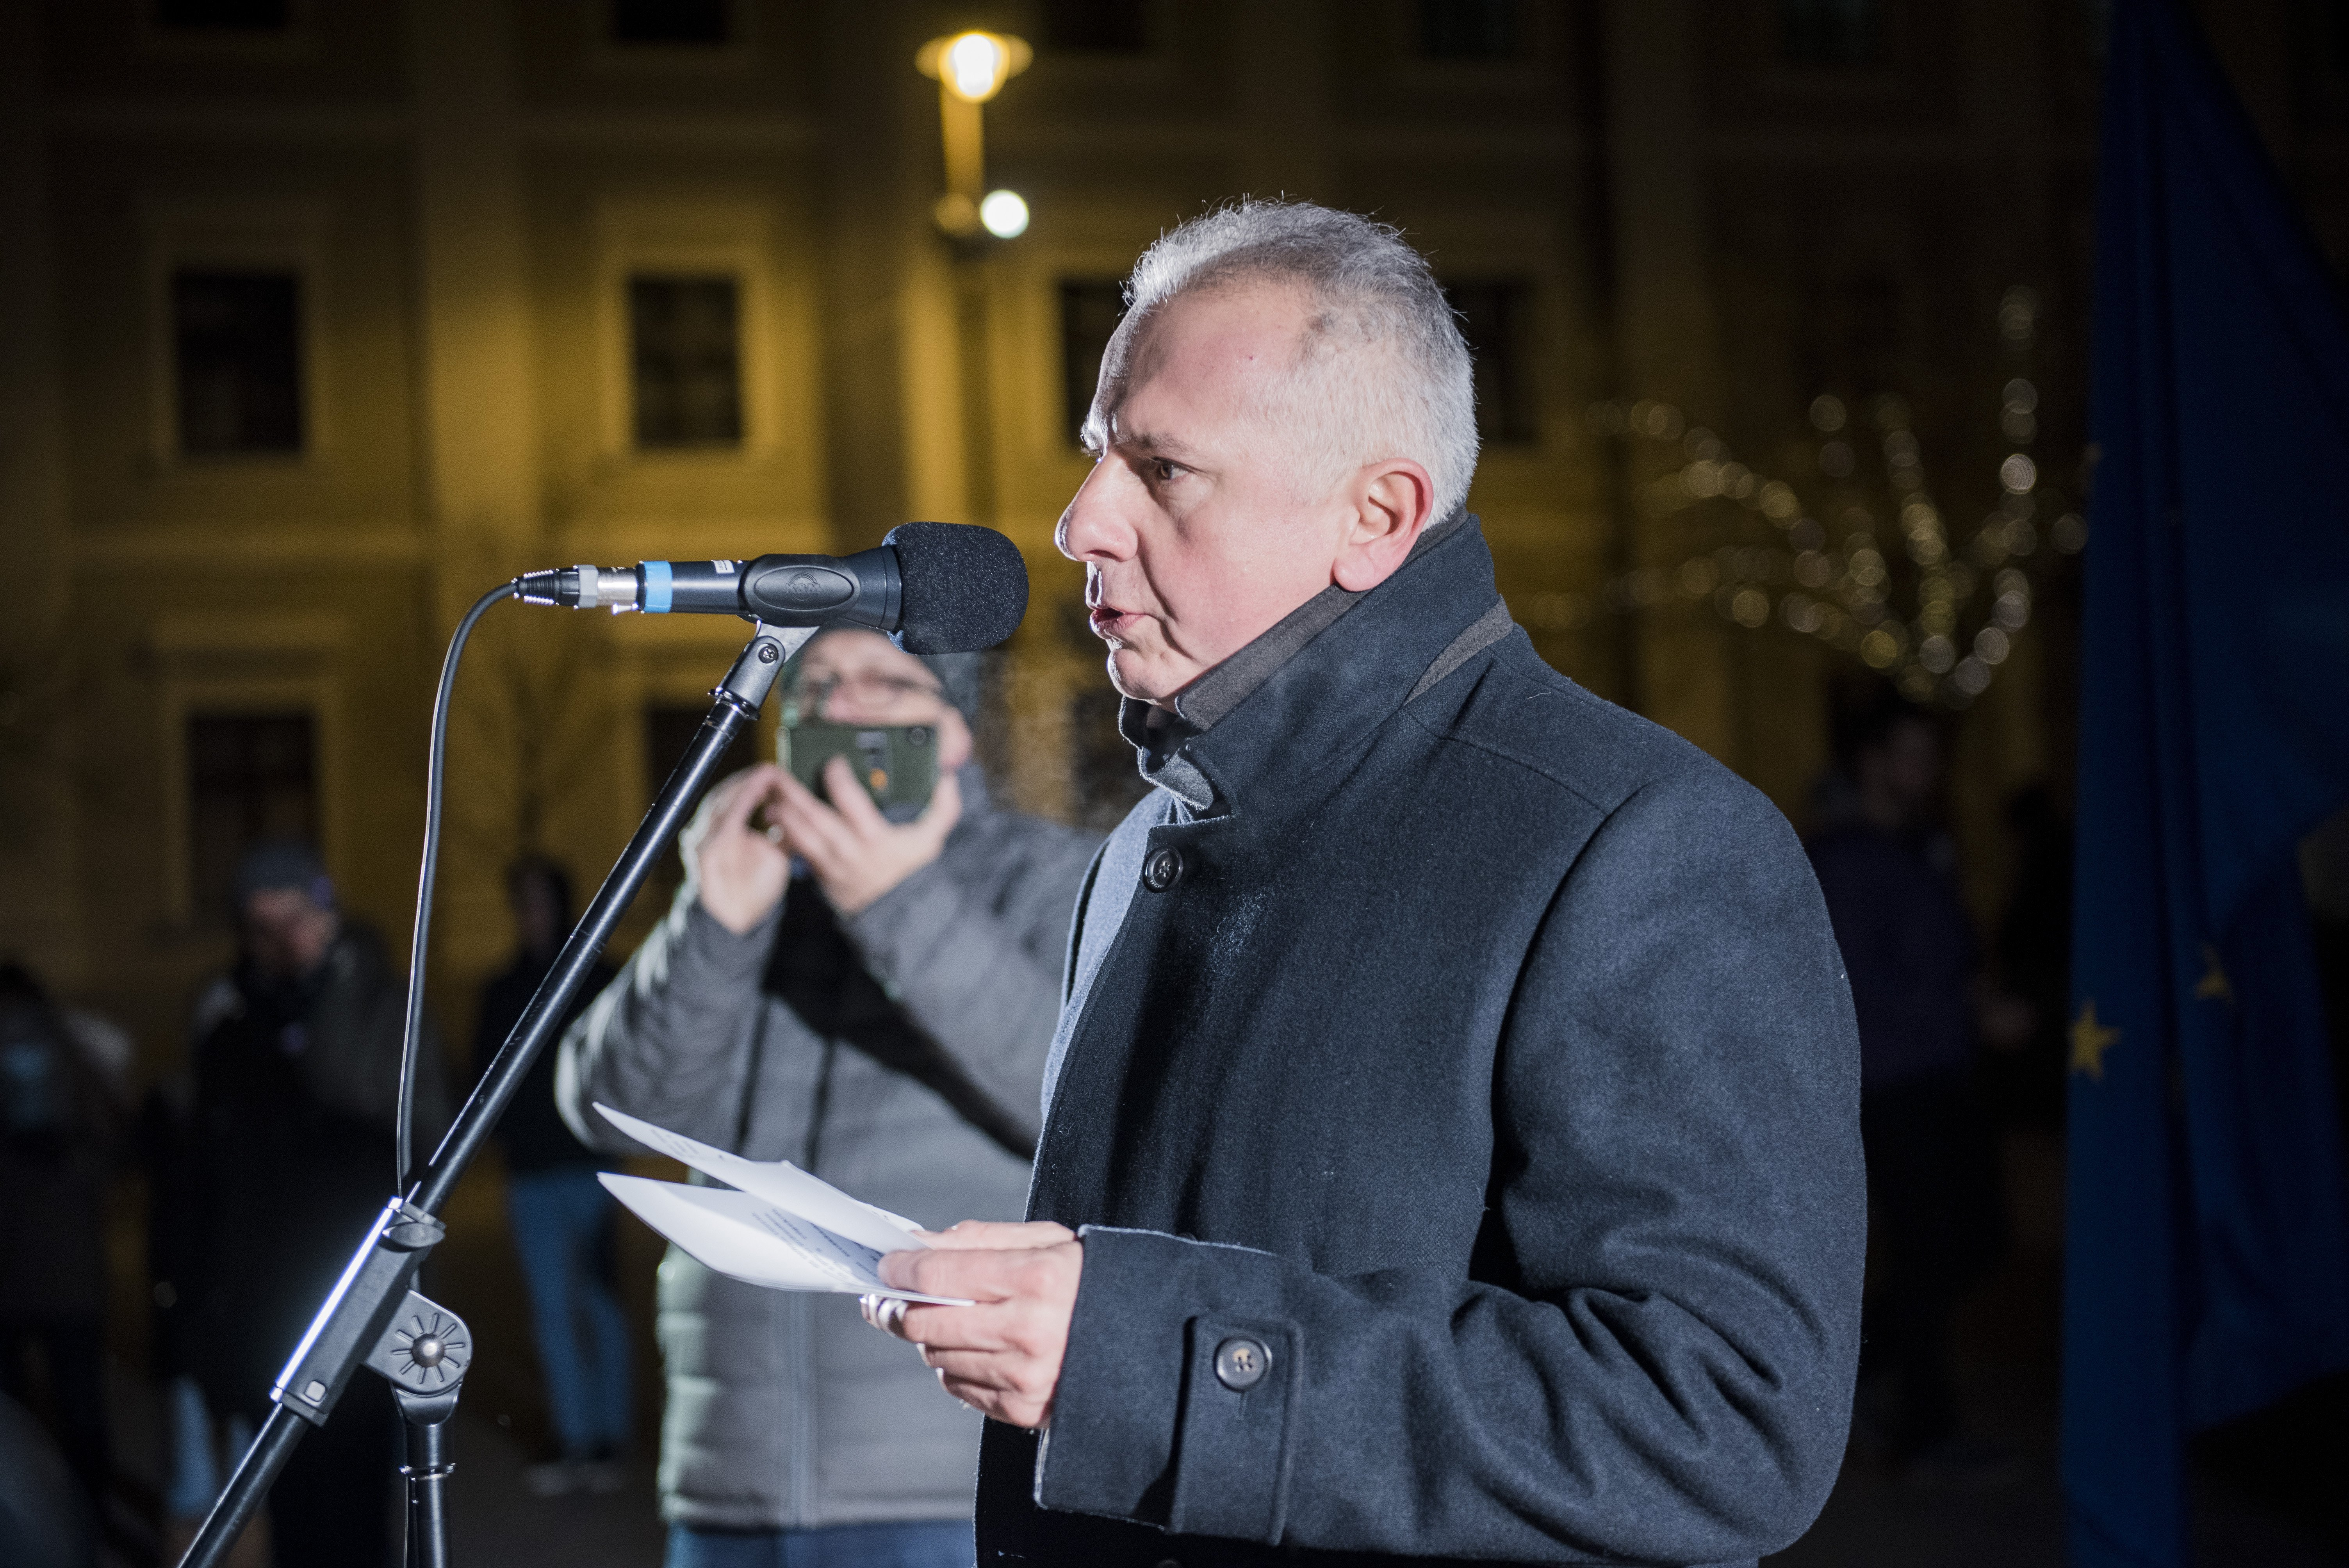 Pécs új, ellenzéki polgármestere szerint a Fidesz 23 milliárd forintos adósságot hagyott hátra